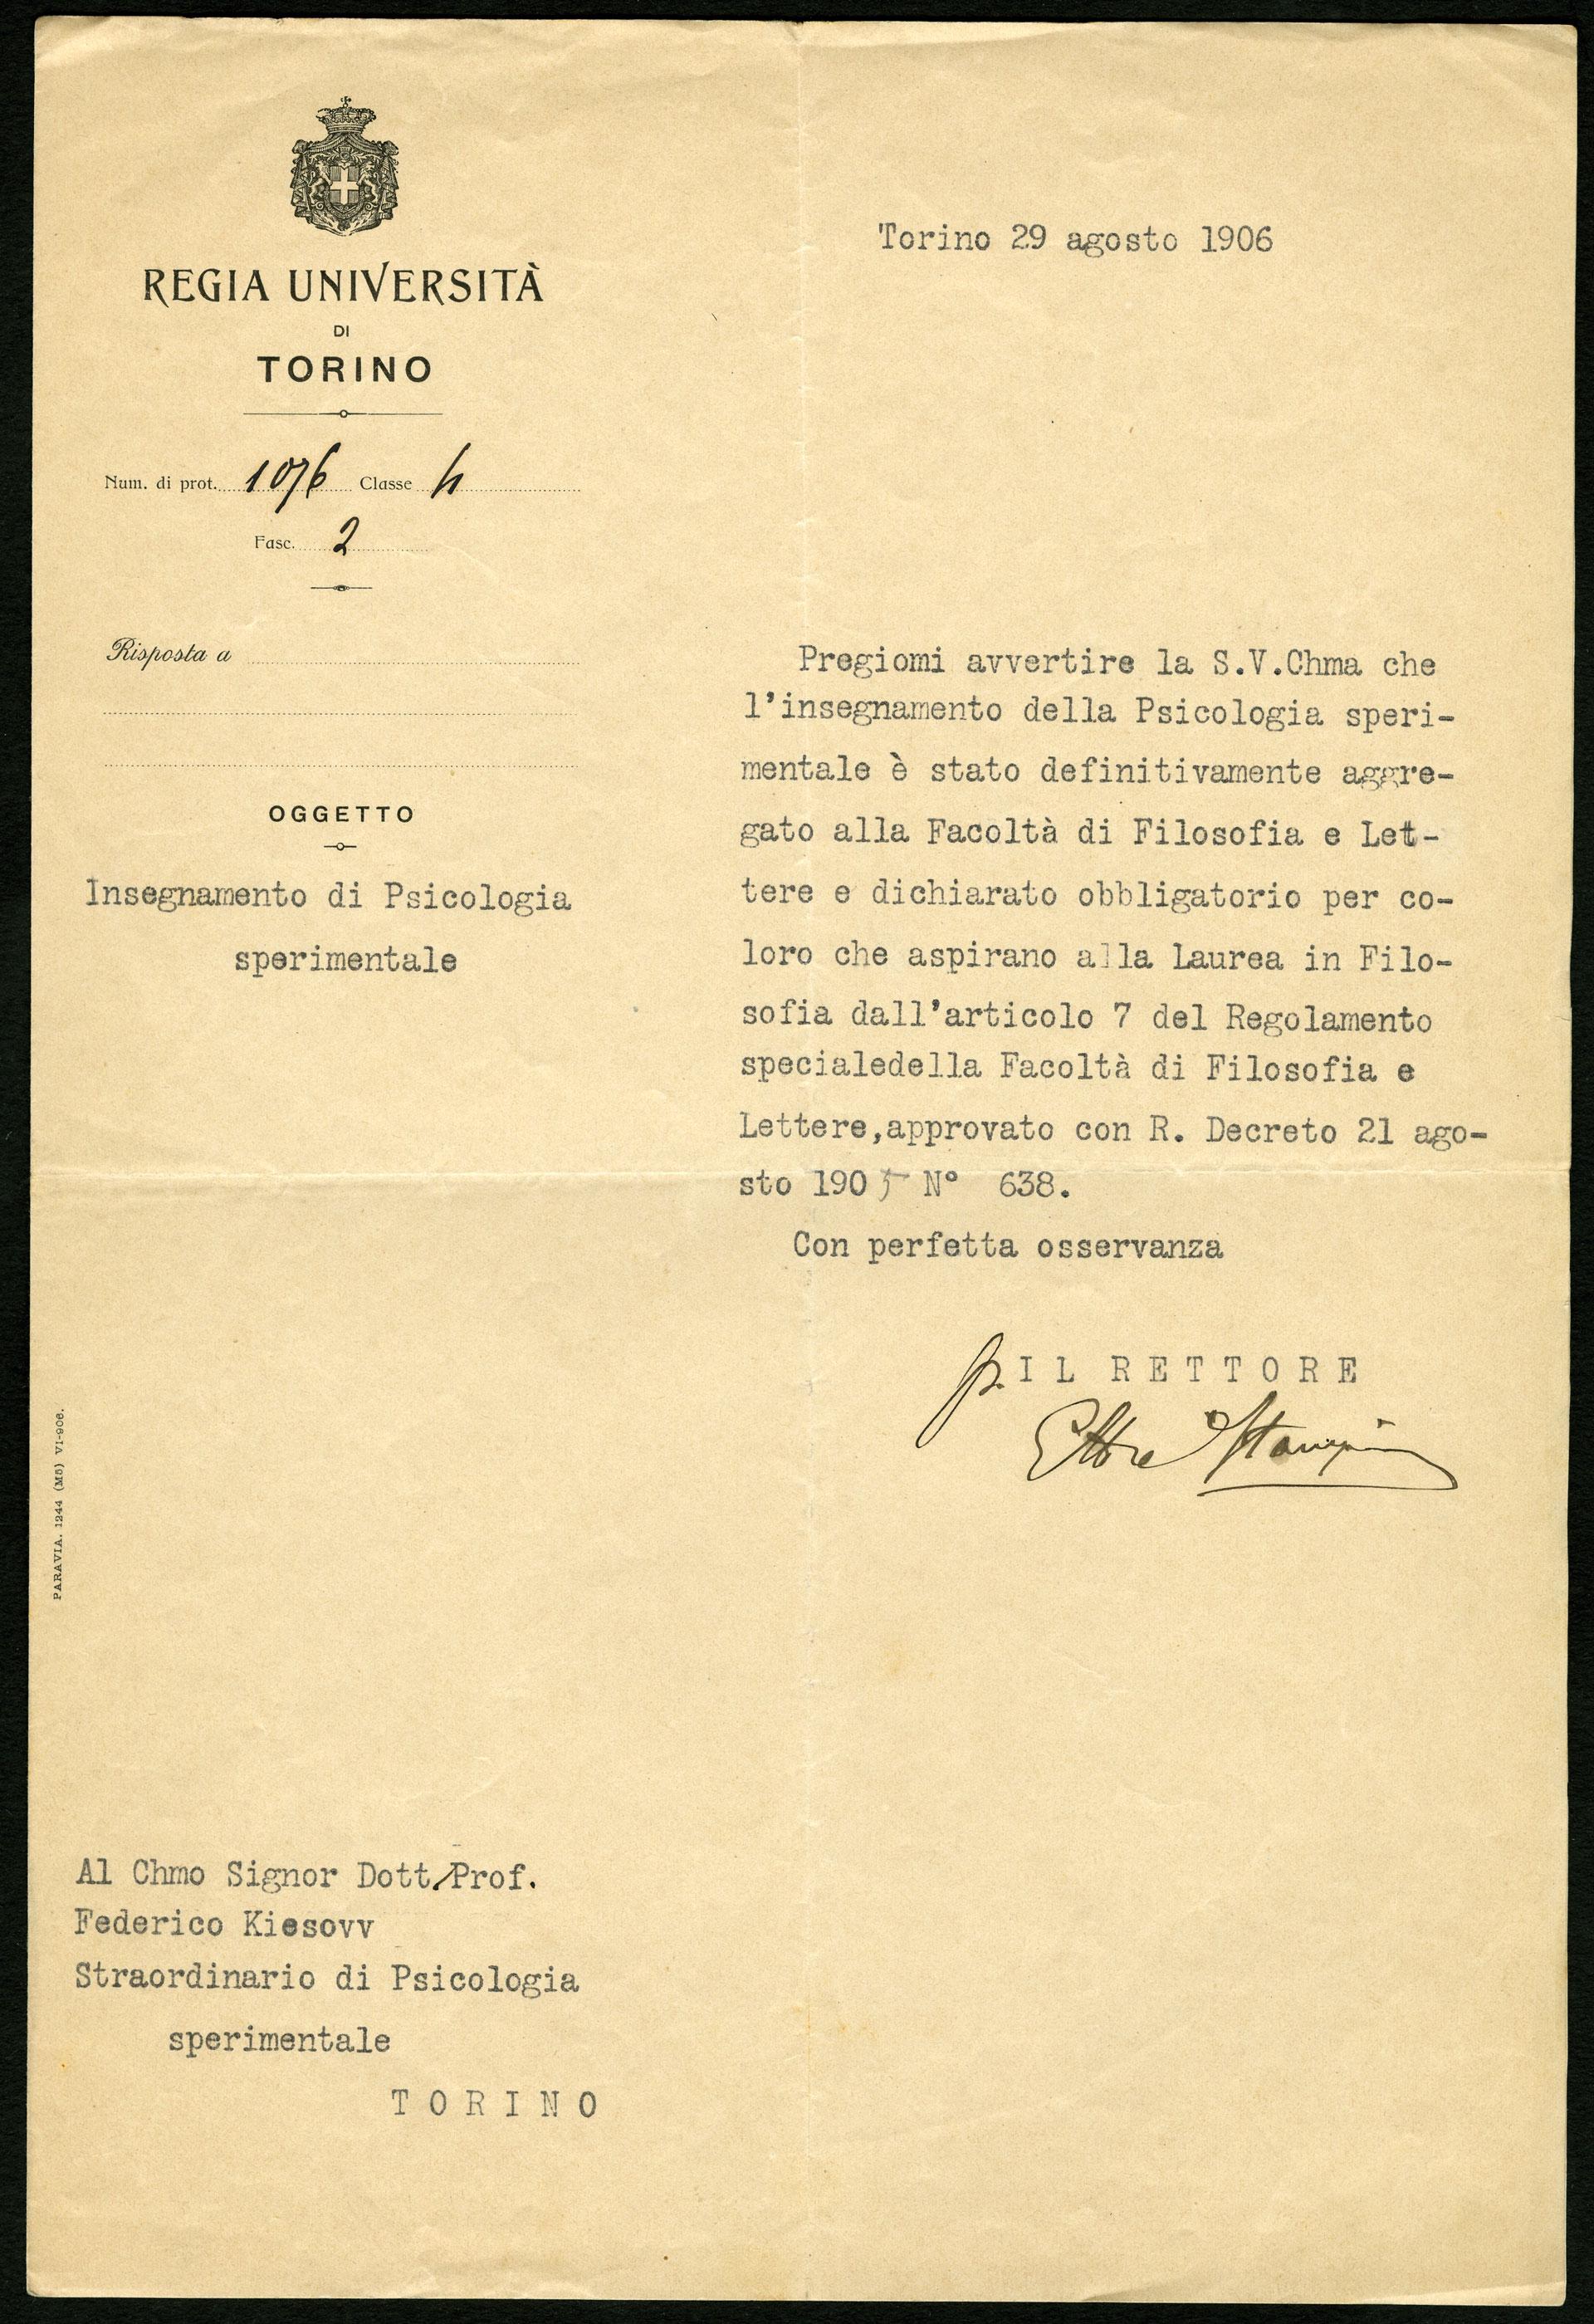 Comunicazione del rettore dell'Università di Torino a Federico Kiesow, 1906